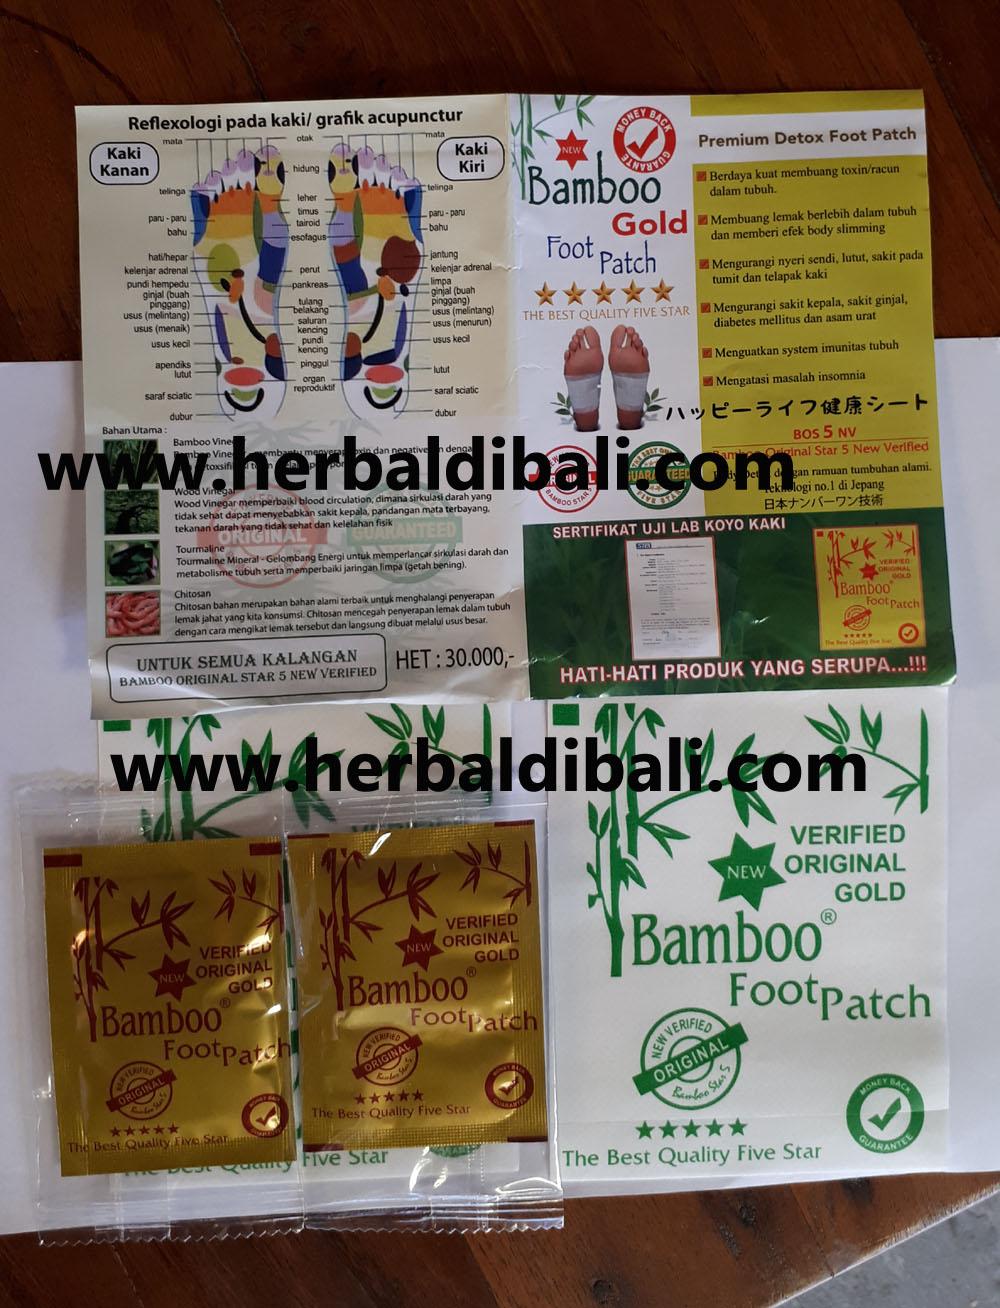 Jual Koyo Kaki Bamboo Gold Detox Di Denpasar Bali Produk Original Penyerap Racun Tubuh Home Sehat Herbal